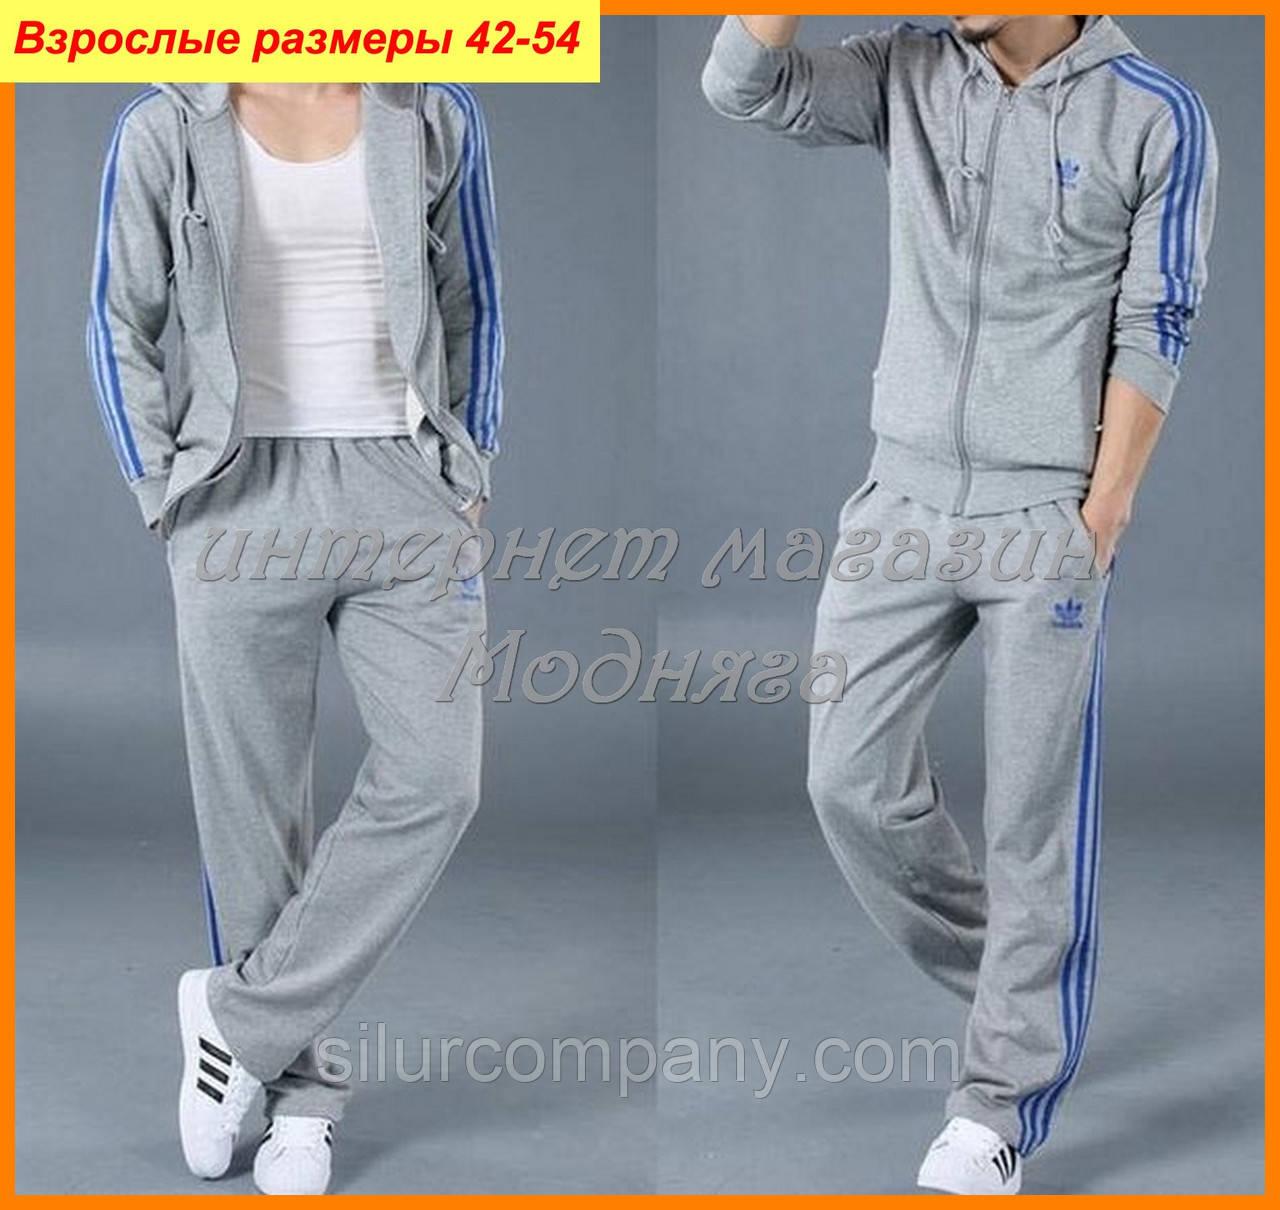 e025bae2 Классическая модель костюма Adidas для мужчин и женщин - Интернет магазин